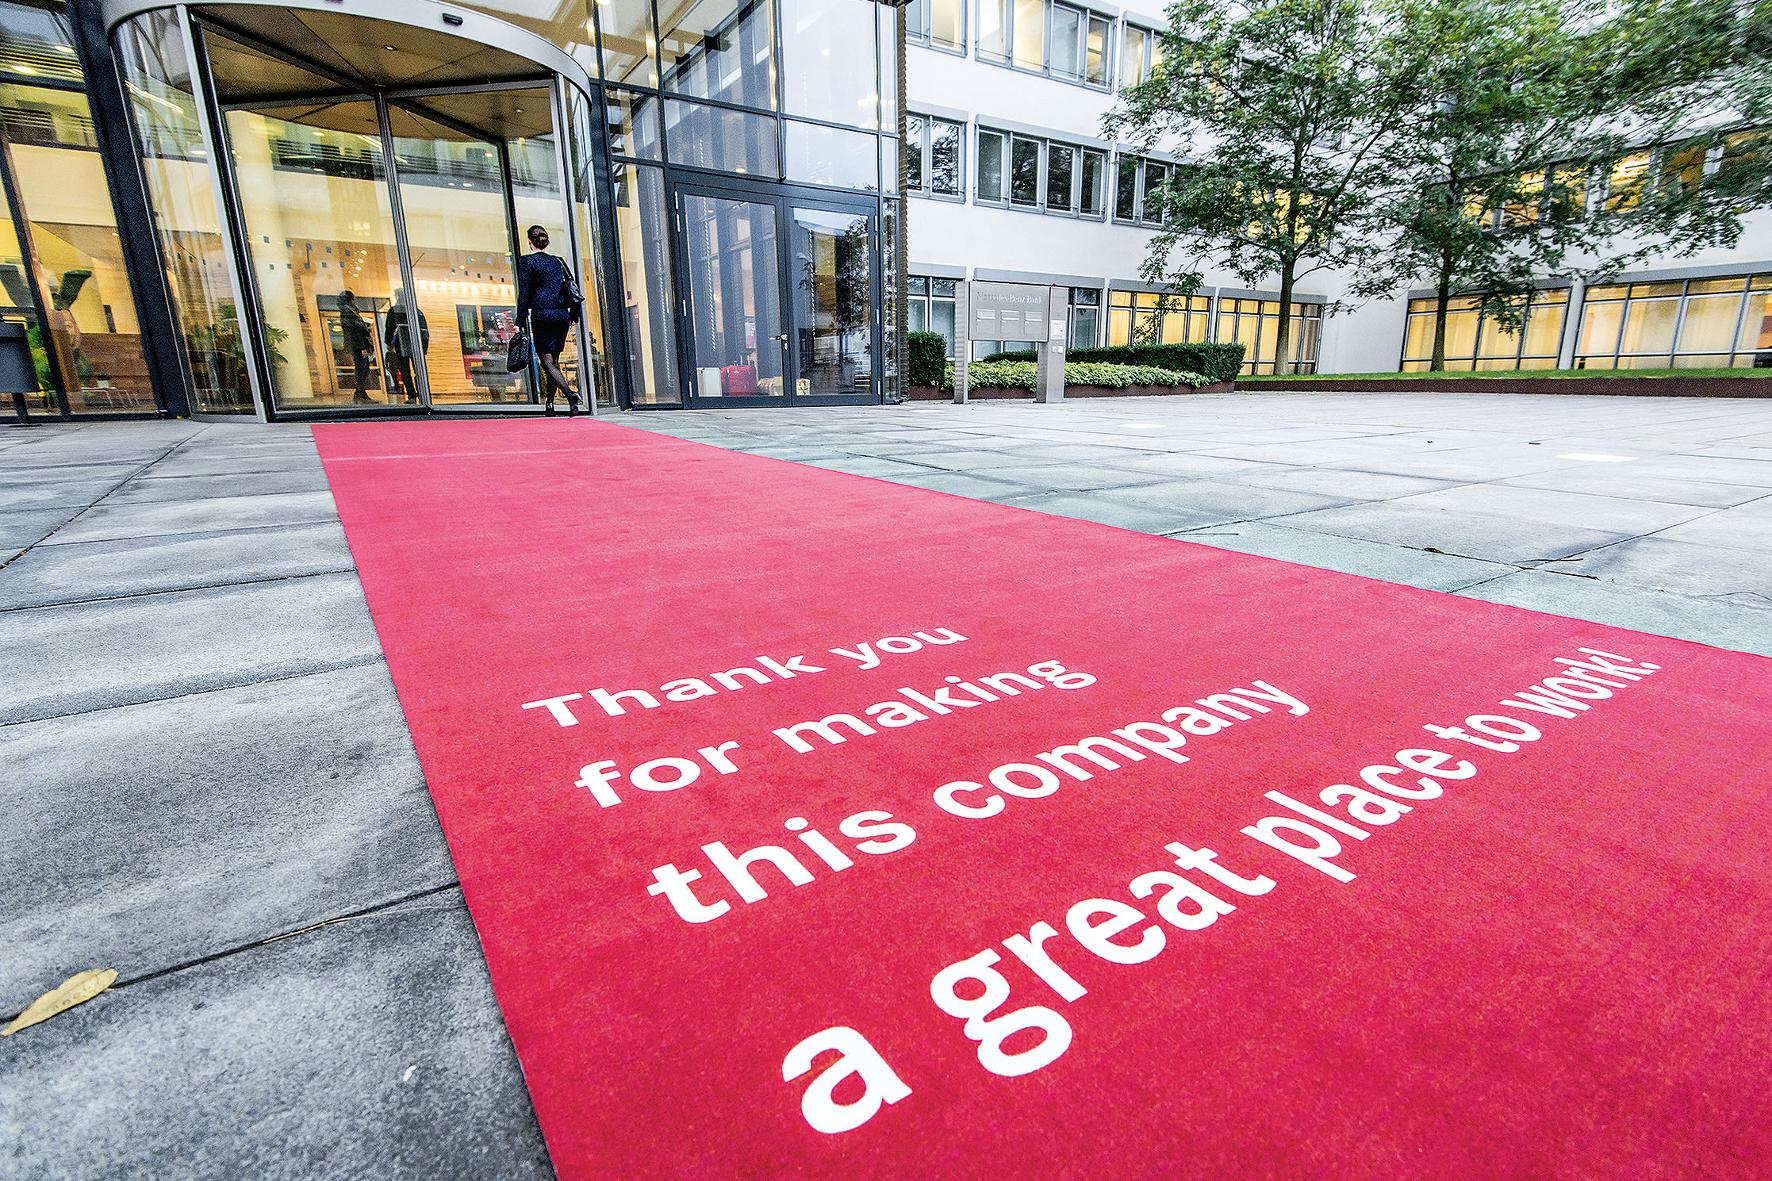 mid Groß-Gerau - Qualifizierte Mitarbeiter sind immer sehr willkommen. Daimler